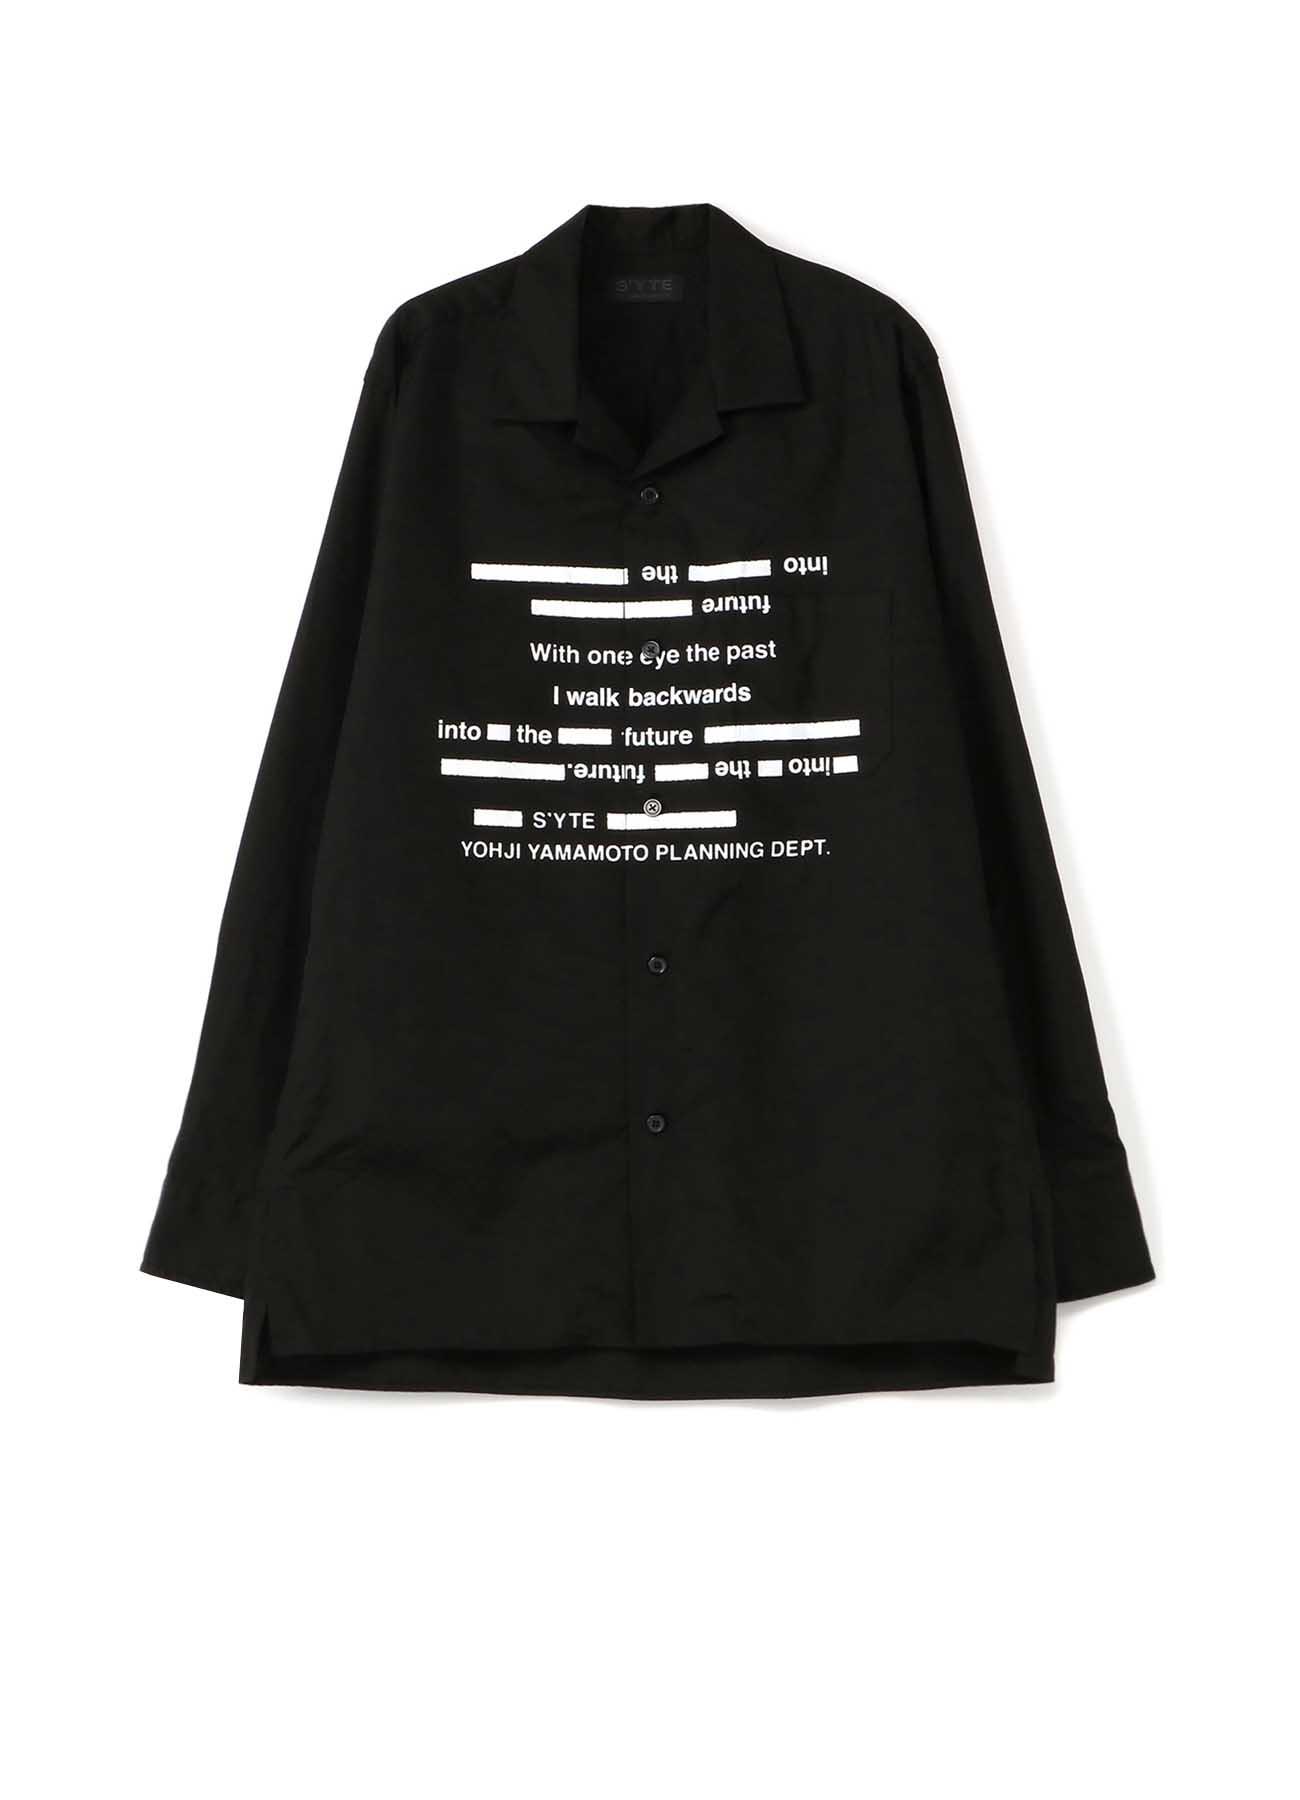 山本耀司语录西装领衬衫